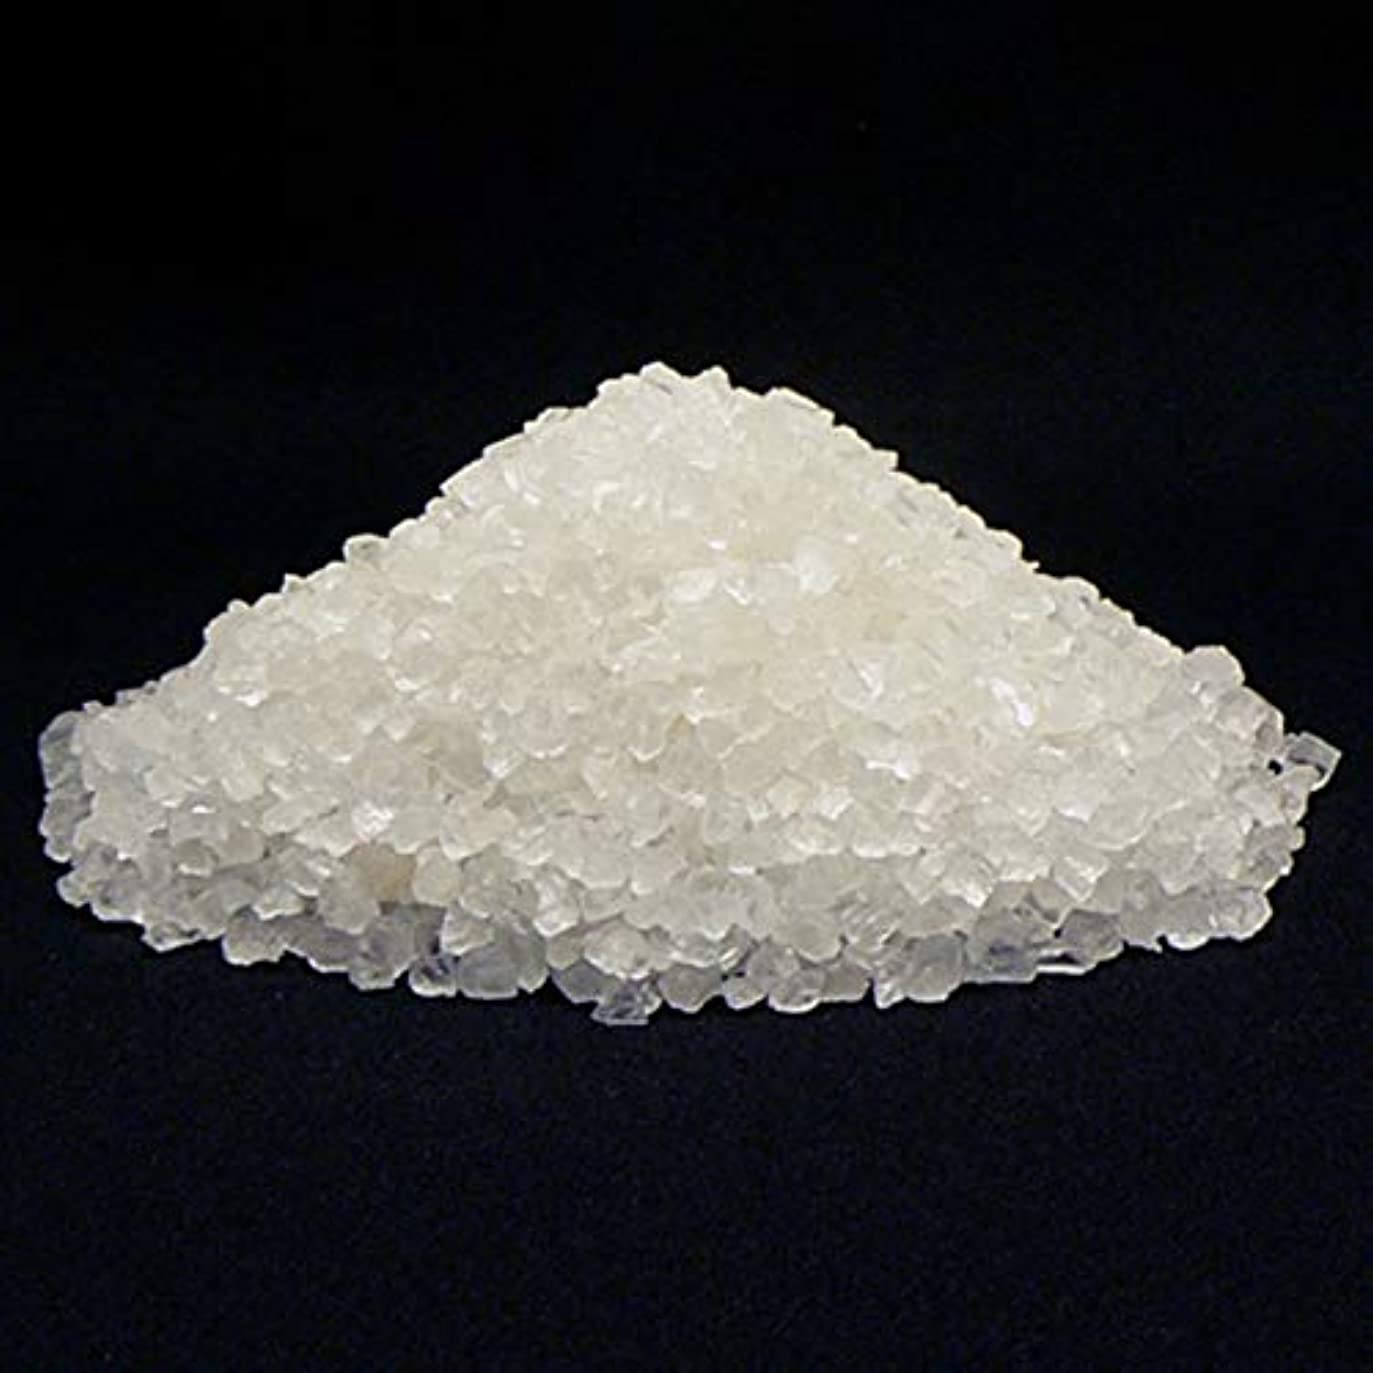 修正する前提環境保護主義者ヒマラヤ岩塩 クリスタルソルト 入浴用 バスソルト(小粒)クリスタル岩塩 白岩塩 (3kg+500g増量)